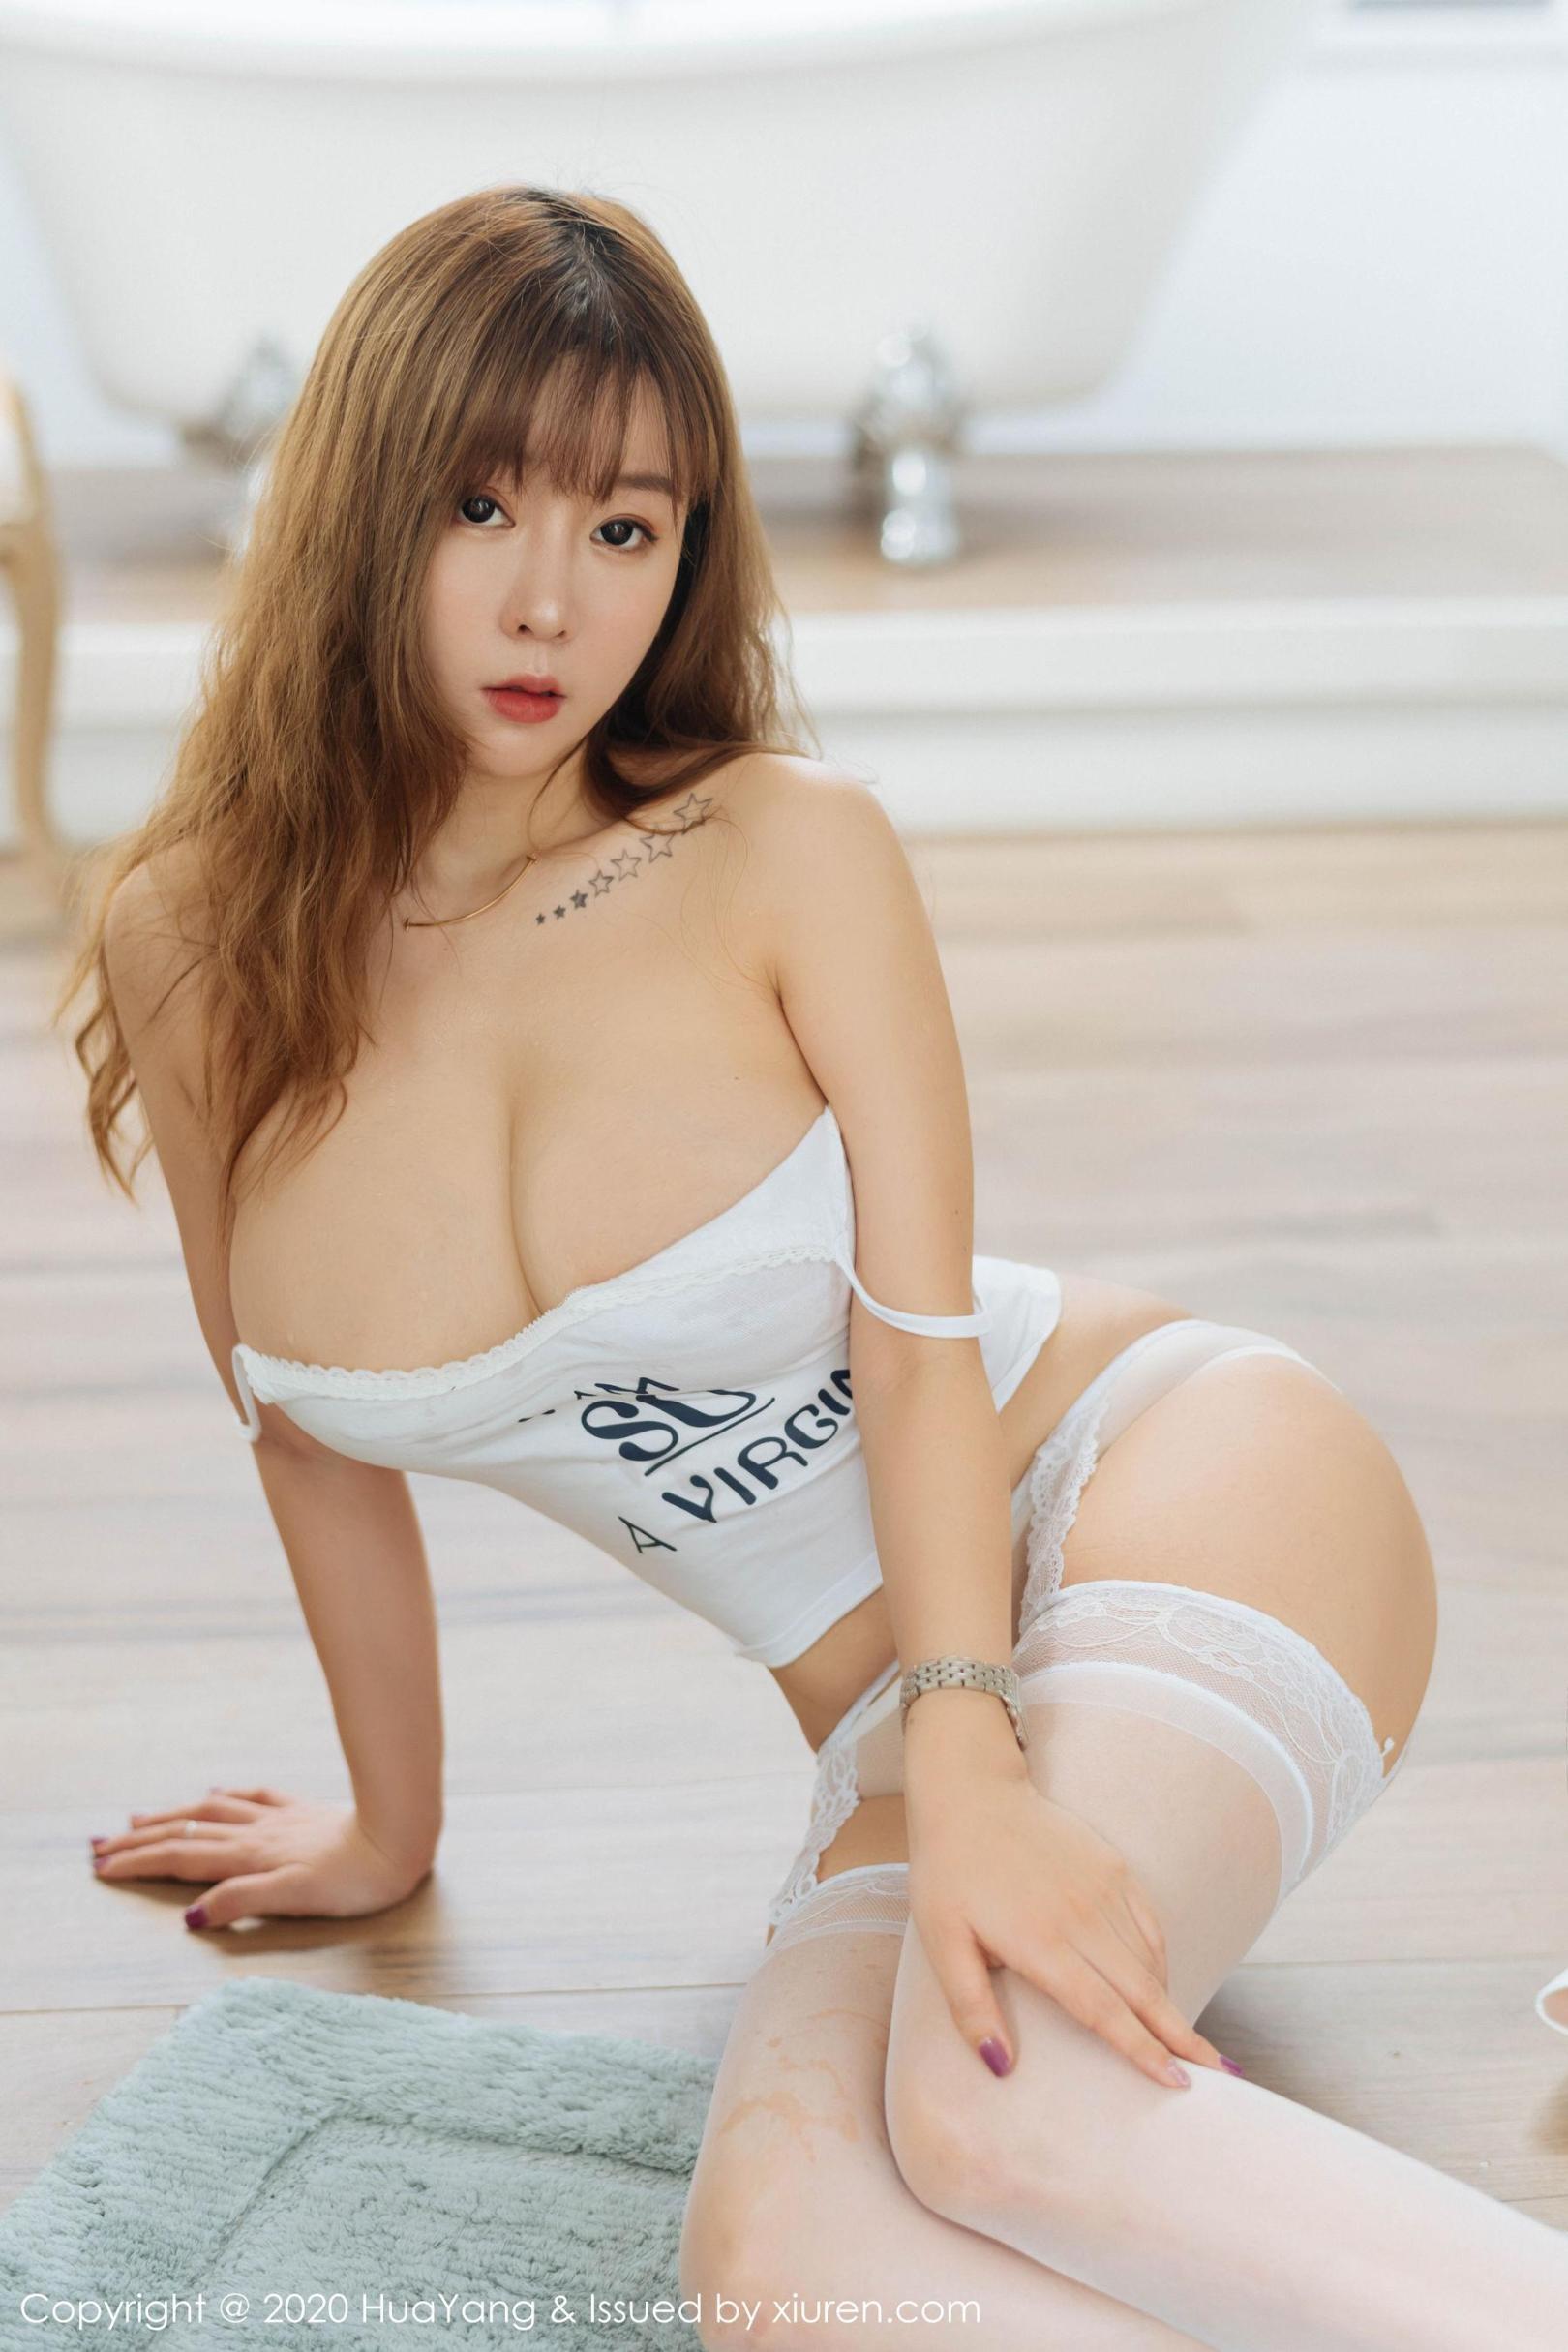 [波萝社] 王雨纯 吊带美胸+牛仔裤的美尻 高清写真套图